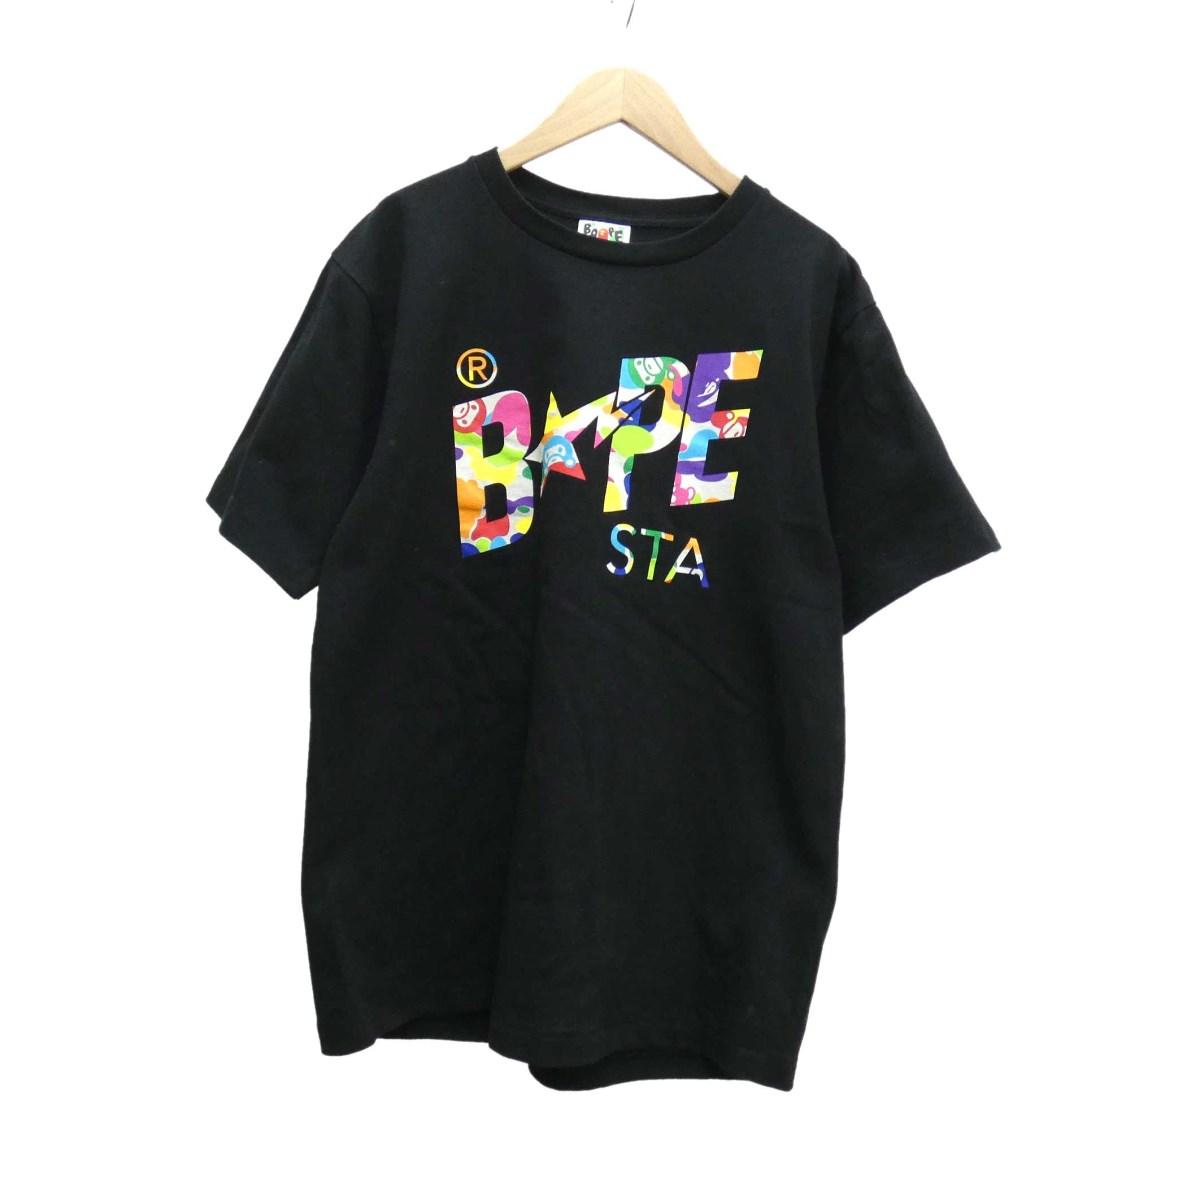 トップス, Tシャツ・カットソー A BATHING APE BAPESTAT M 040420